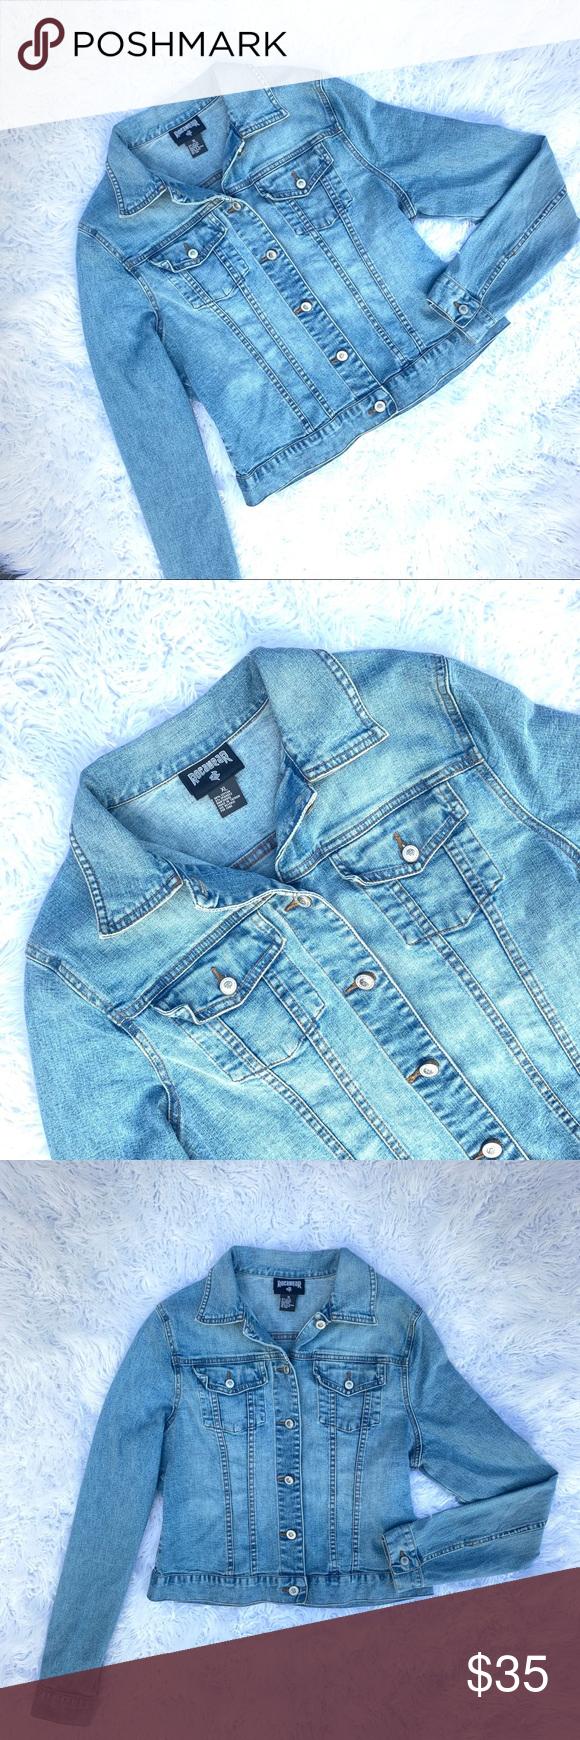 〰️Roca Wear〰️jean jacket